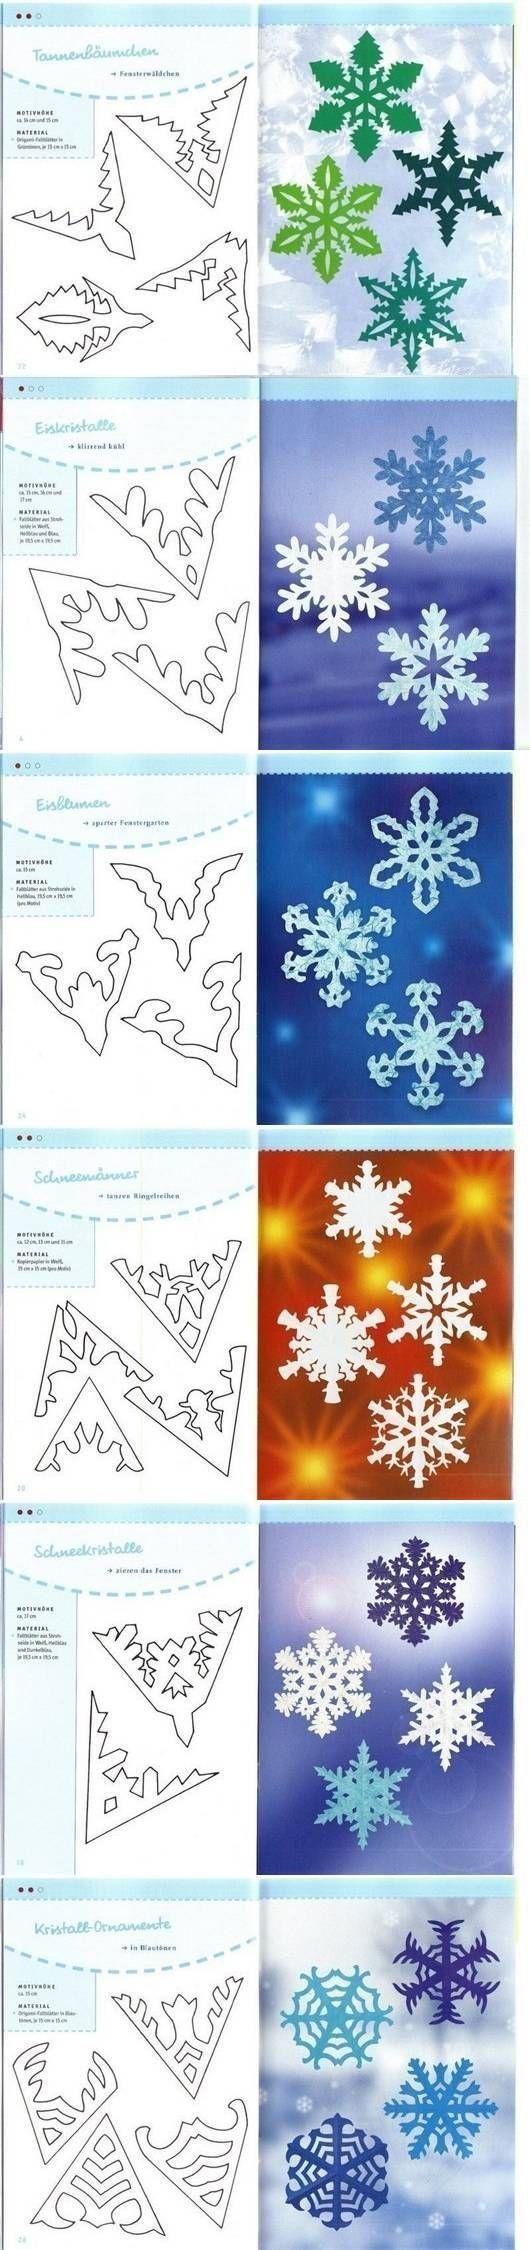 Как сделать простую но красивую снежинку из бумаги